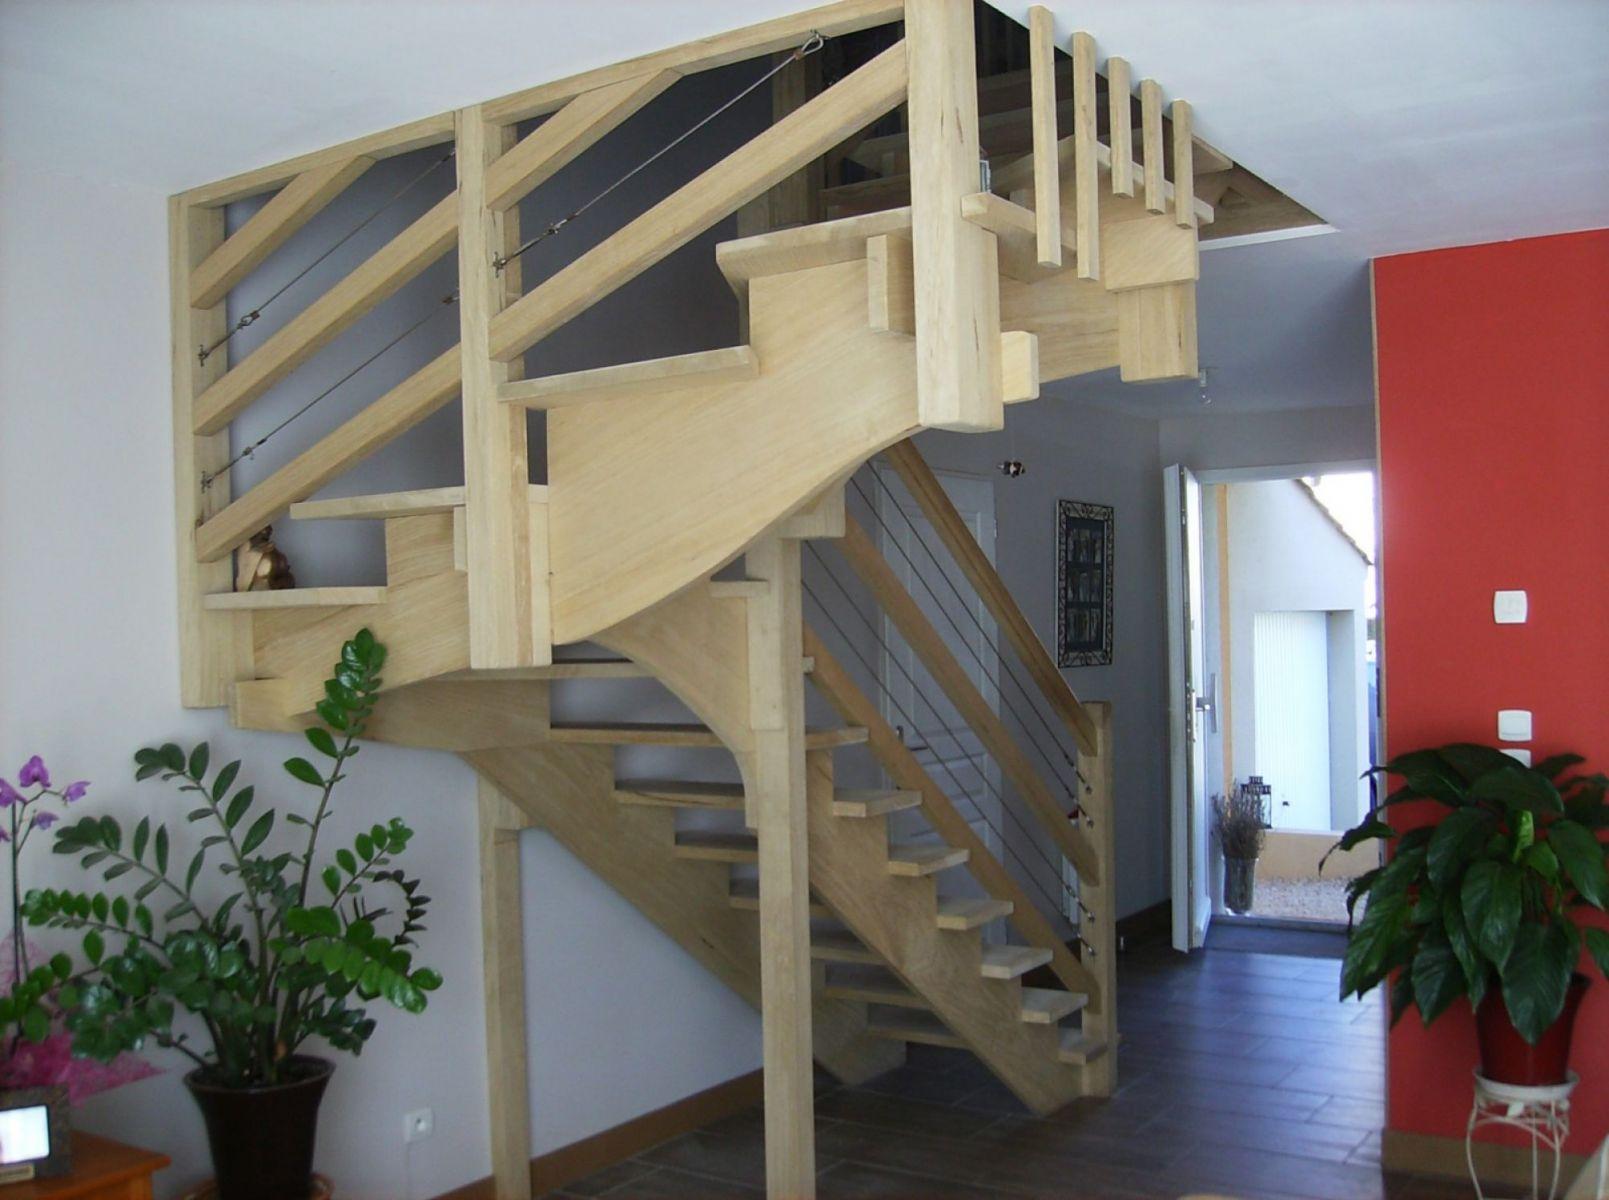 Fabricant D Escalier Bois fabricant d'escaliers en bois pas chers à salon de provence